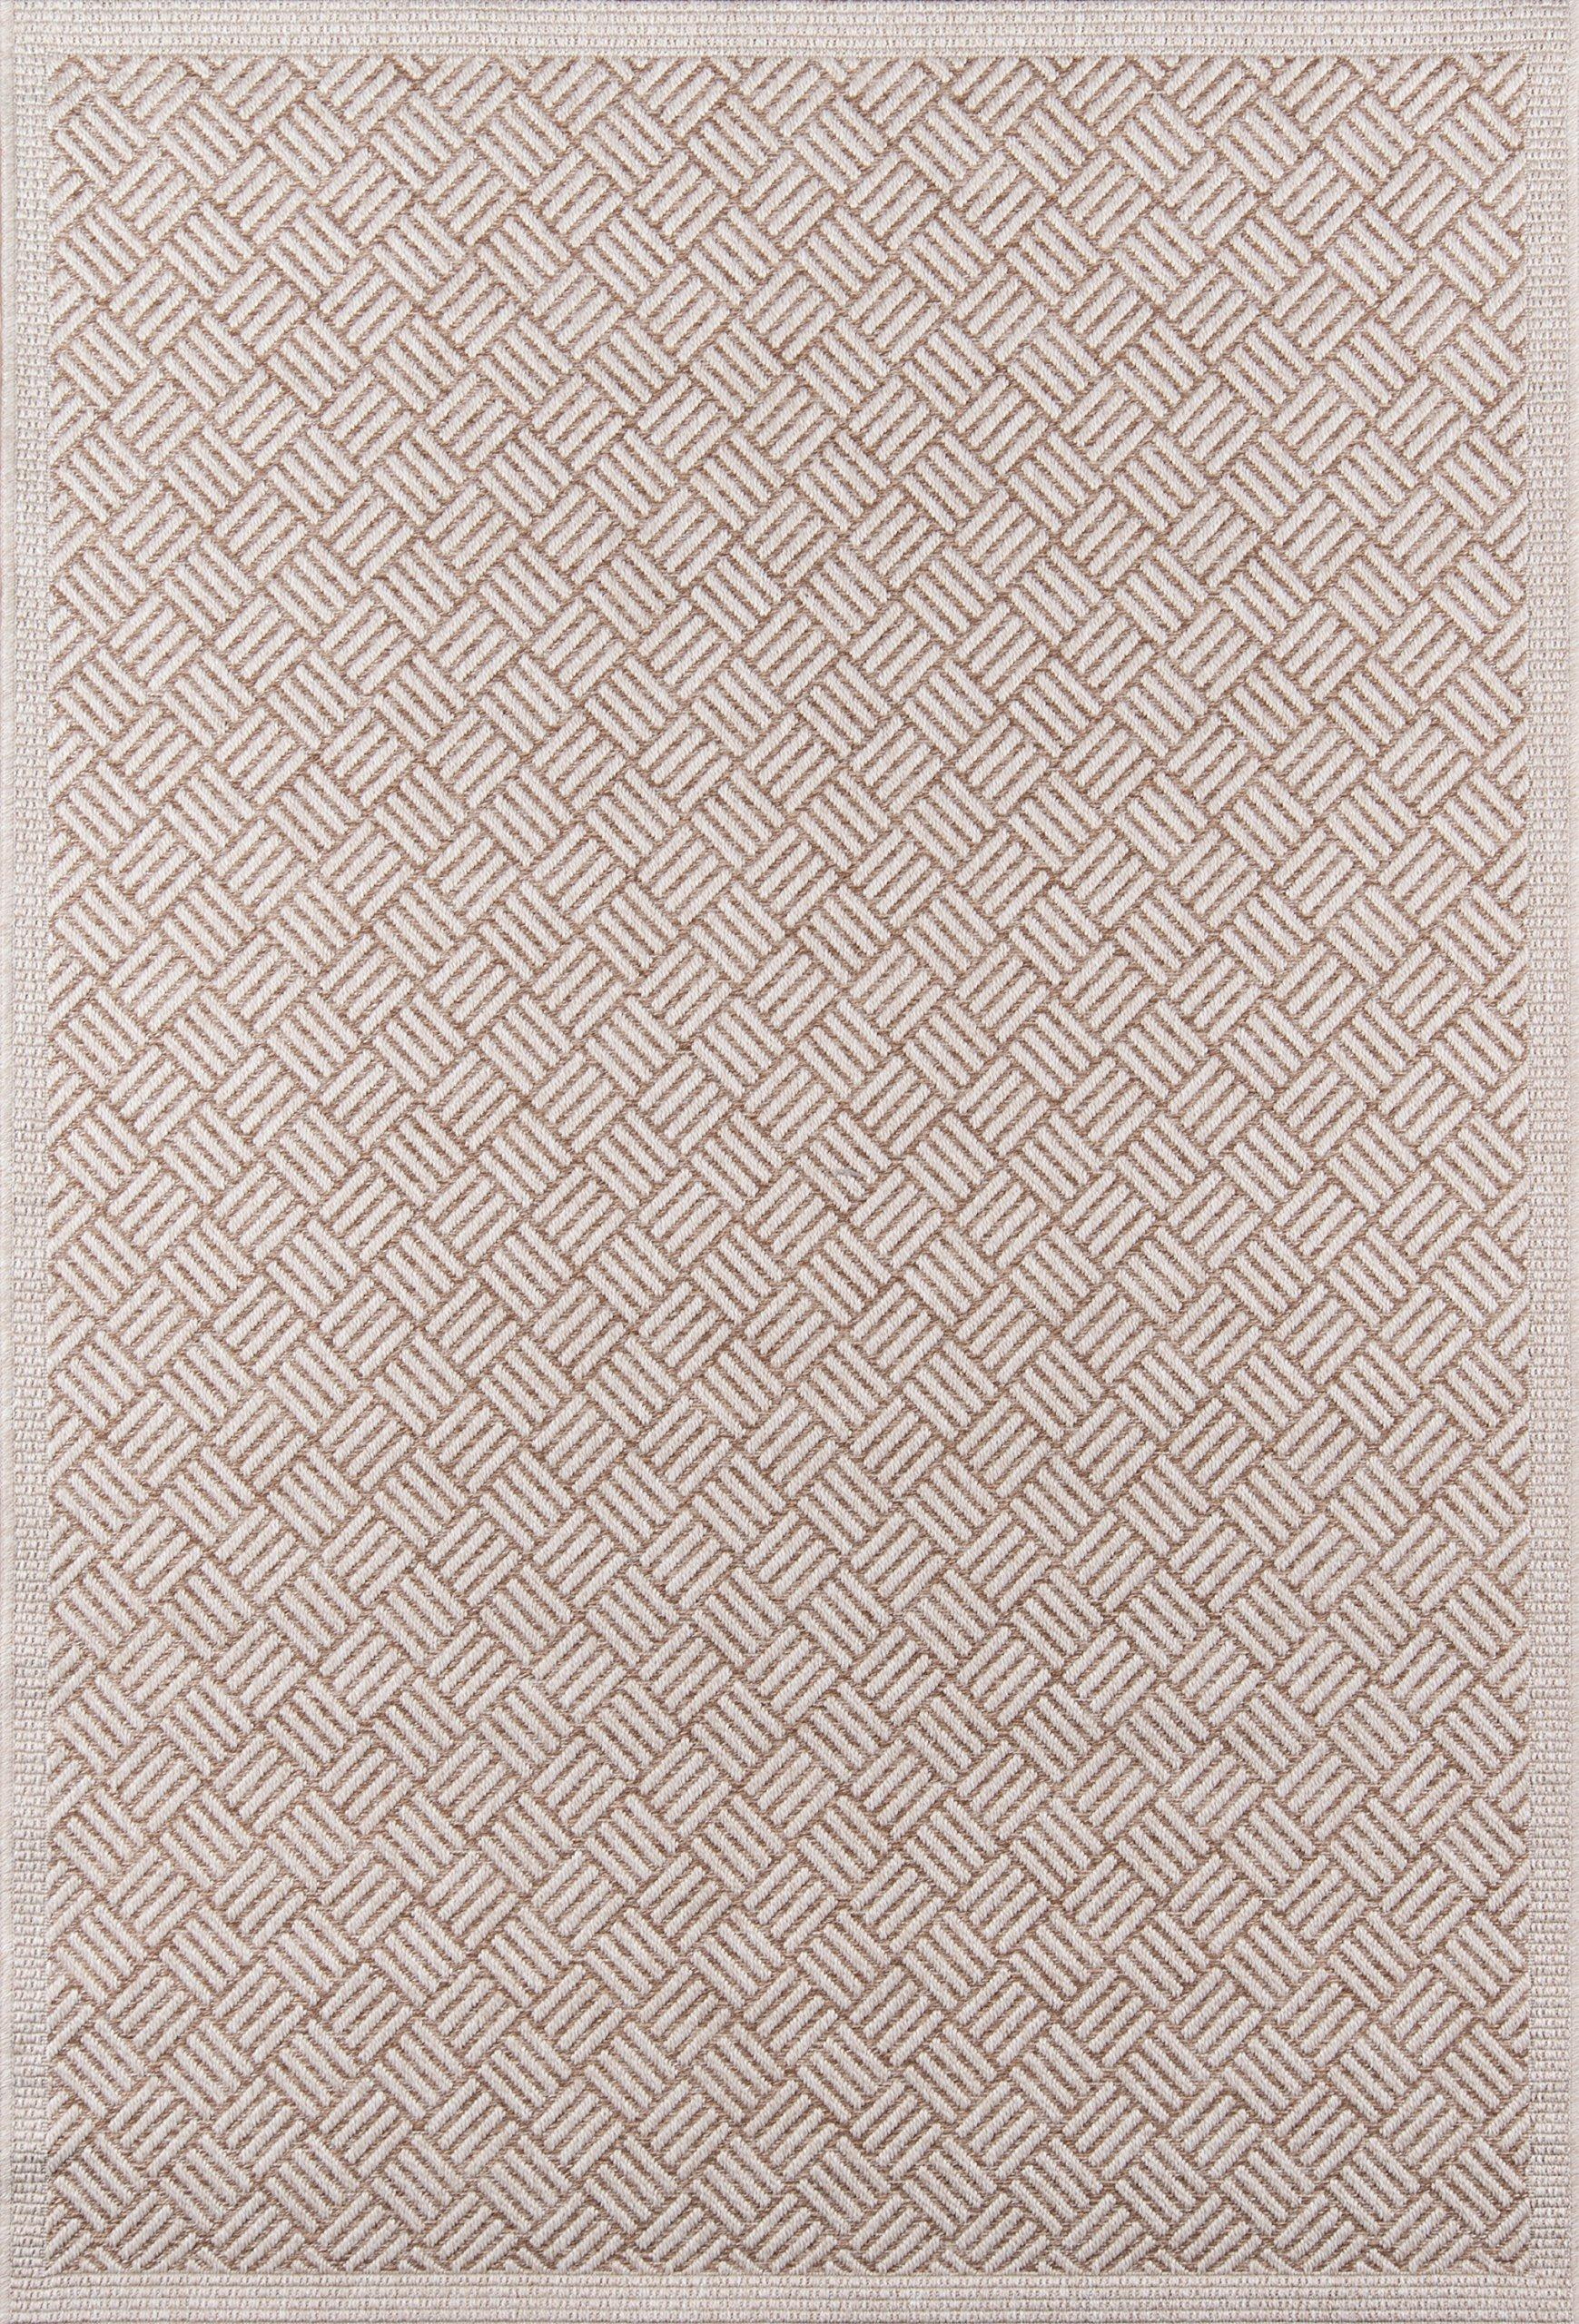 Nolita Rugs Linz Polypropylene Indoor Outdoor Rug 6'7 X 9'6